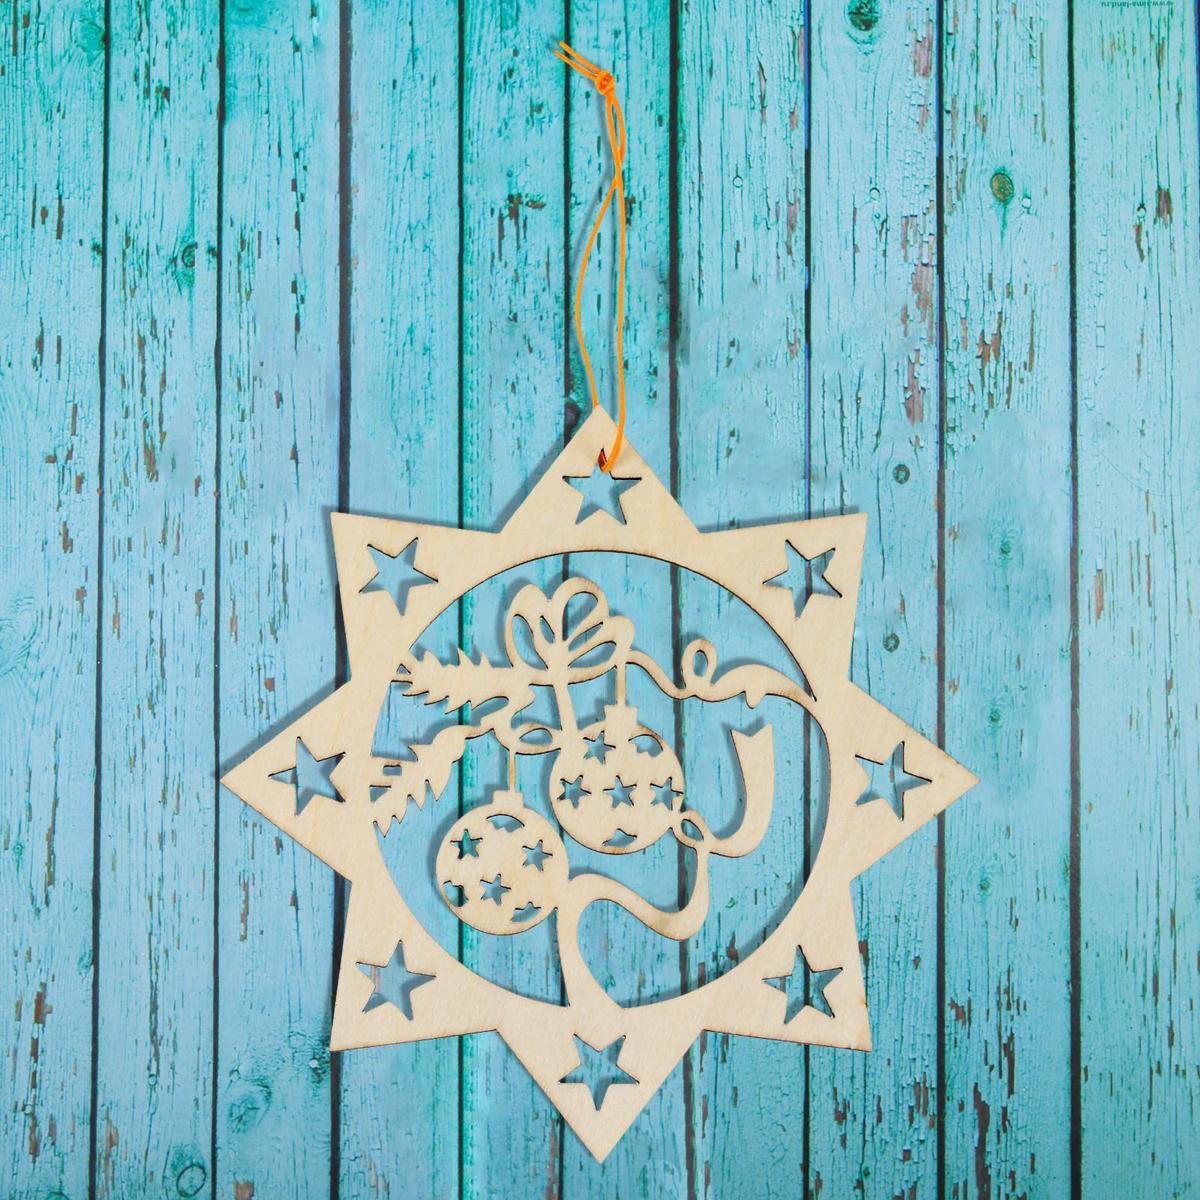 Новогоднее подвесное украшение Sima-land Новогодние игрушки, под роспись, 10 х 10 см1393687Новогоднее украшение Sima-land отлично подойдет для декорации вашего дома и новогодней ели. Елочная игрушка - символ Нового года. Она несет в себе волшебство и красоту праздника. Такое украшение создаст в вашем доме атмосферу праздника, веселья и радости.